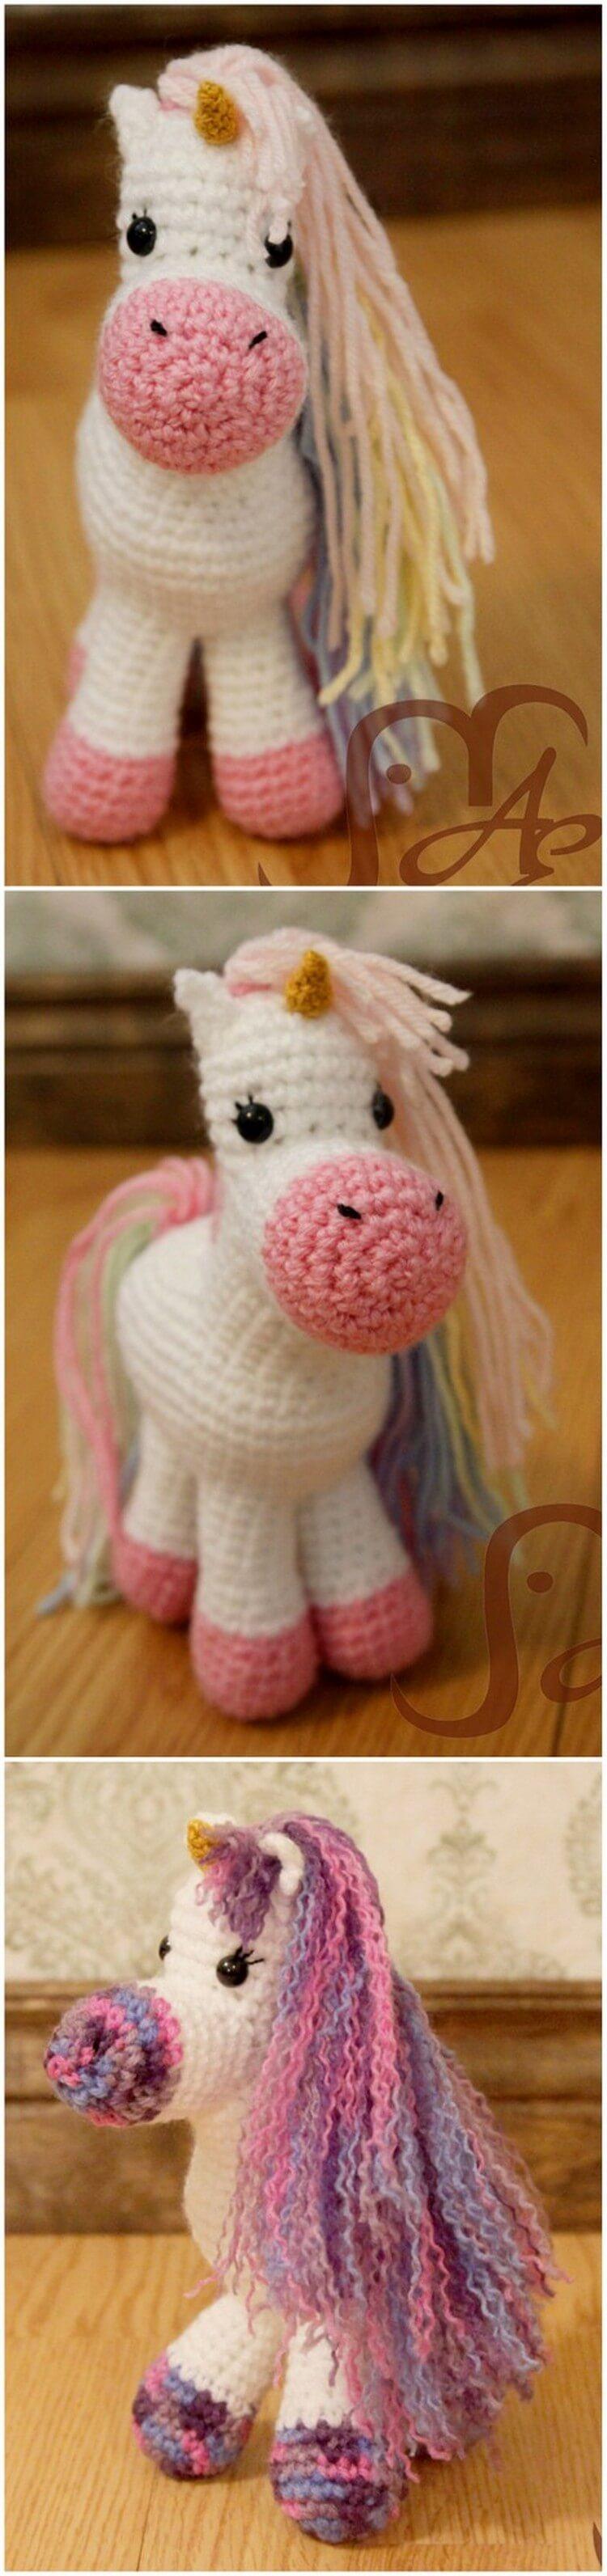 Crochet Unicorn Pattern (14)